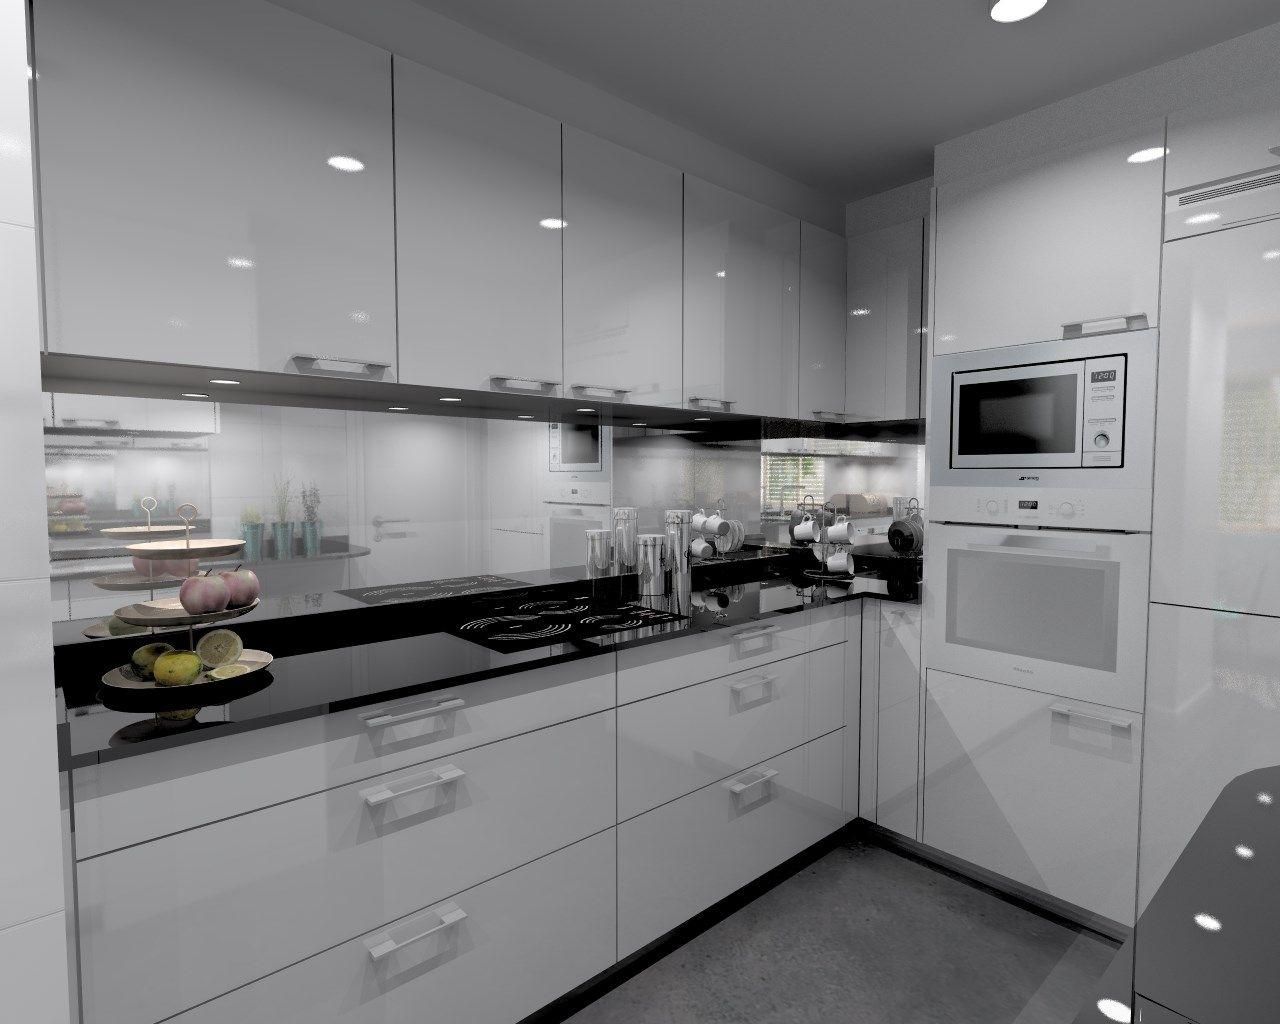 Cocina santos modelo plano laminado blanco brillo con encimera granito sahara nights